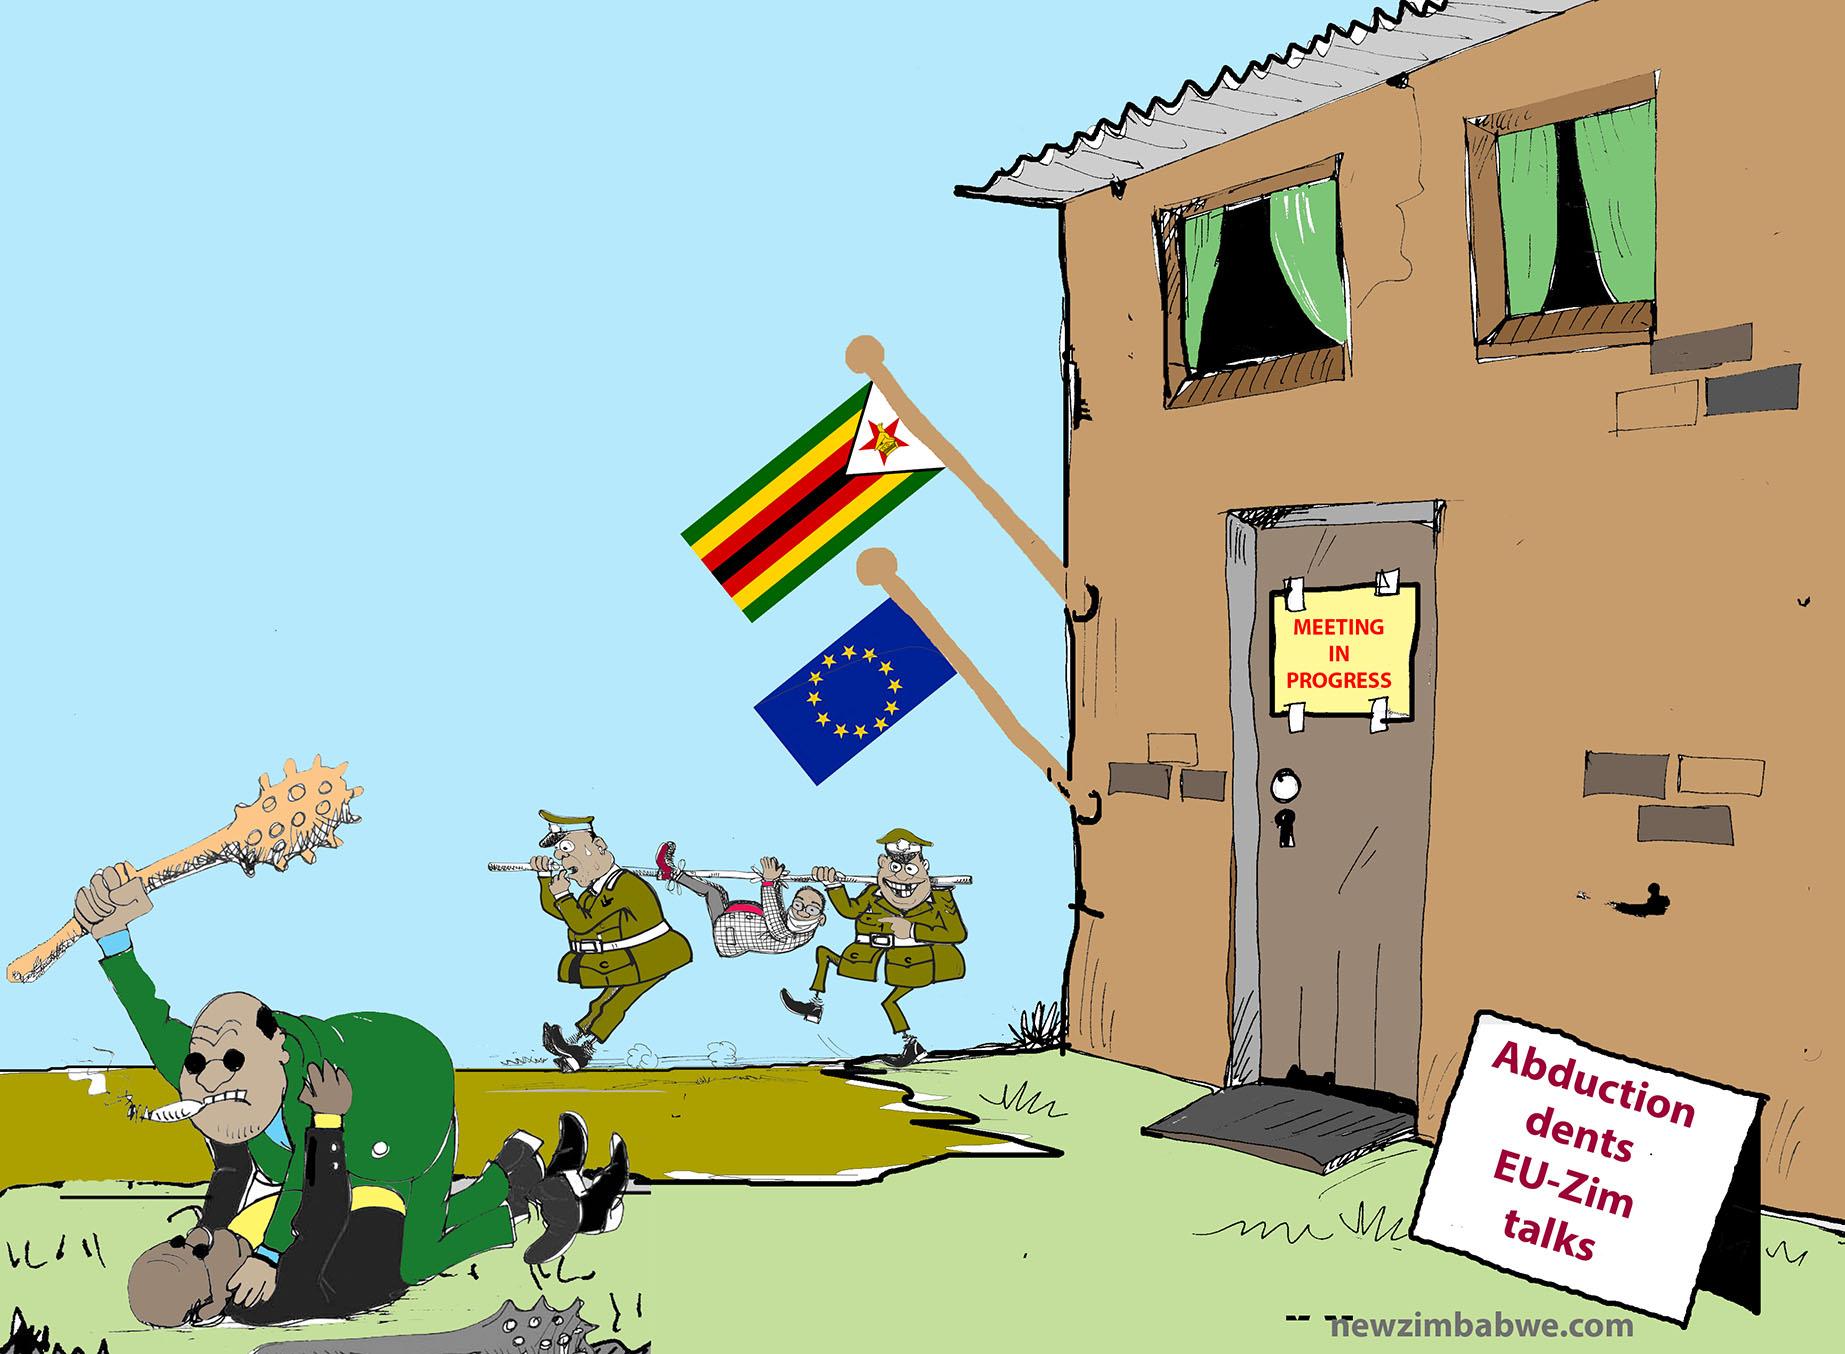 EU-Zim talks in progress